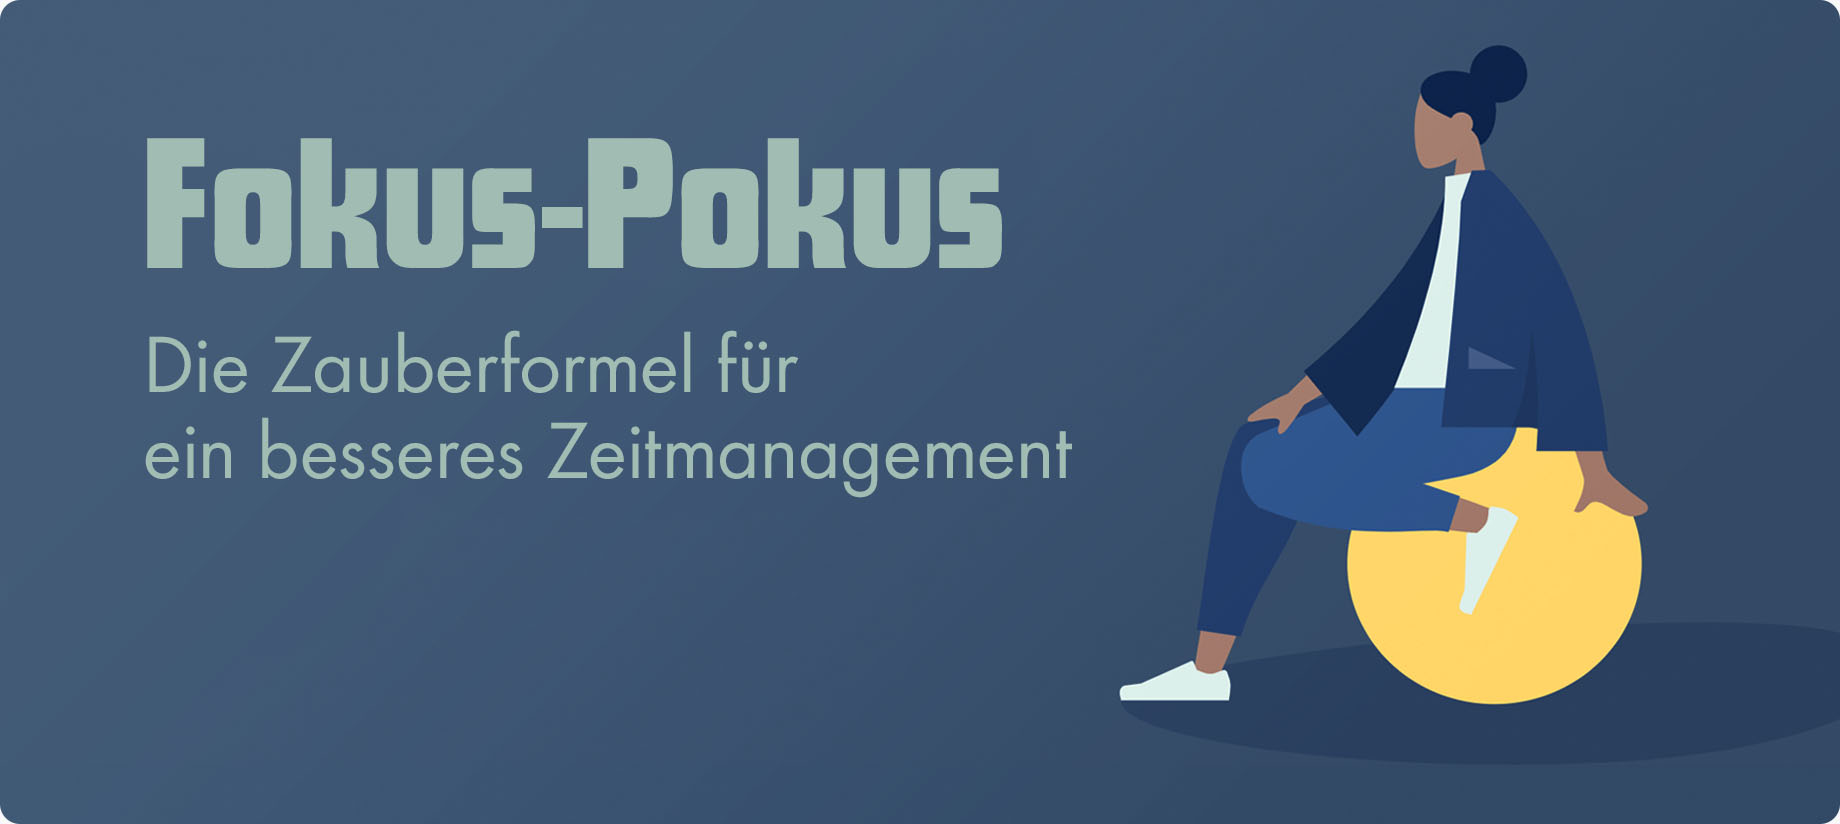 Fokus-Pokus: Tipps für besseres Zeitmanagement